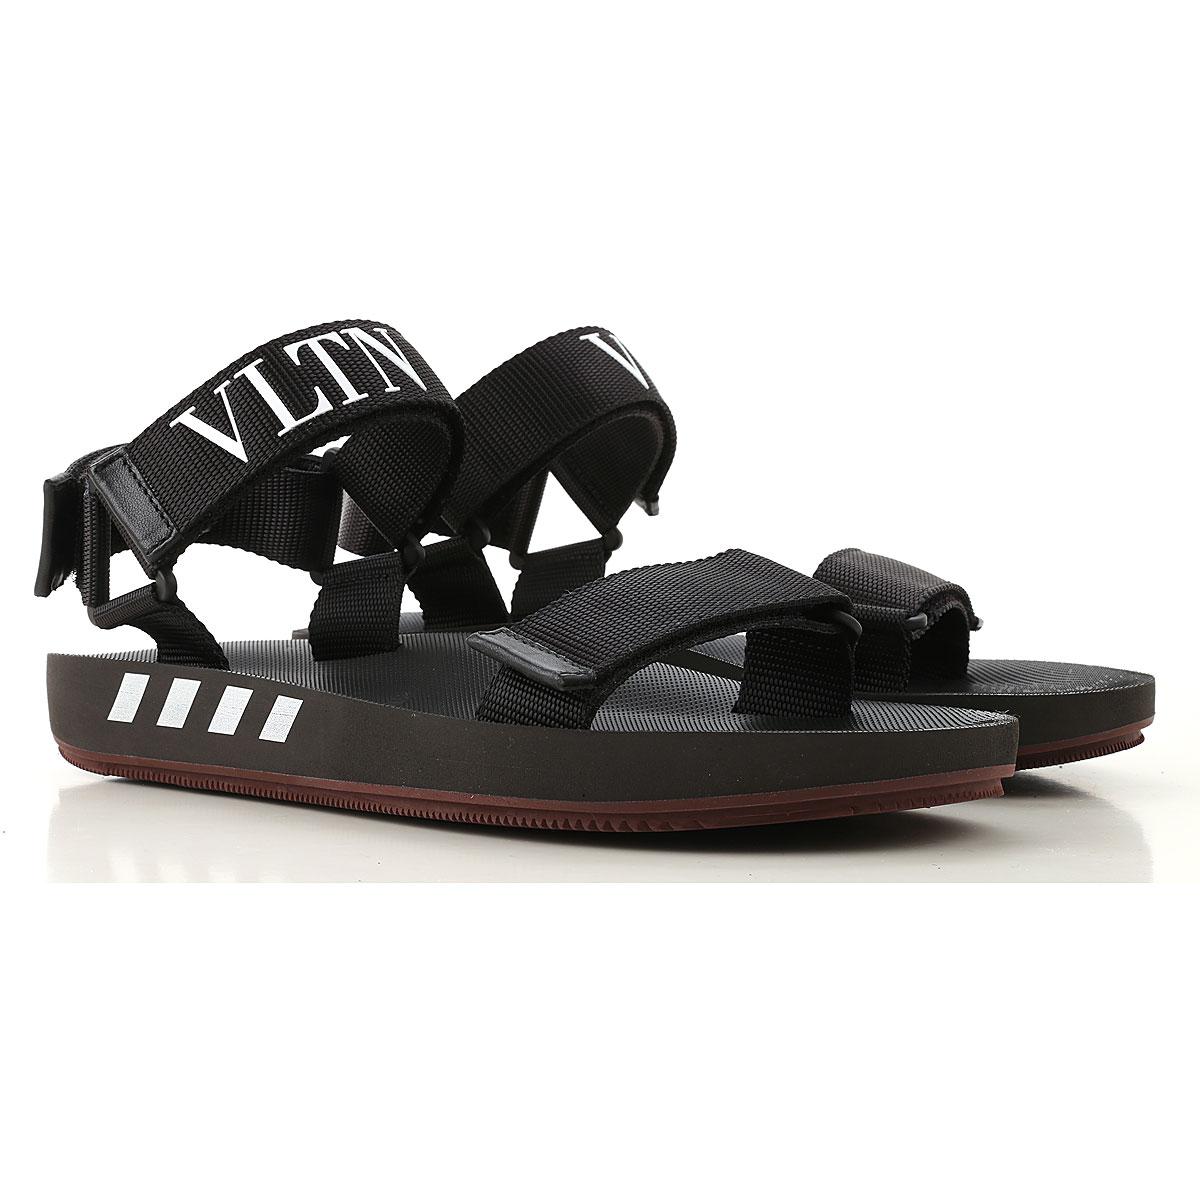 Valentino Garavani Sandals for Men On Sale in Outlet, Black, polyester, 2019, 7.5 9